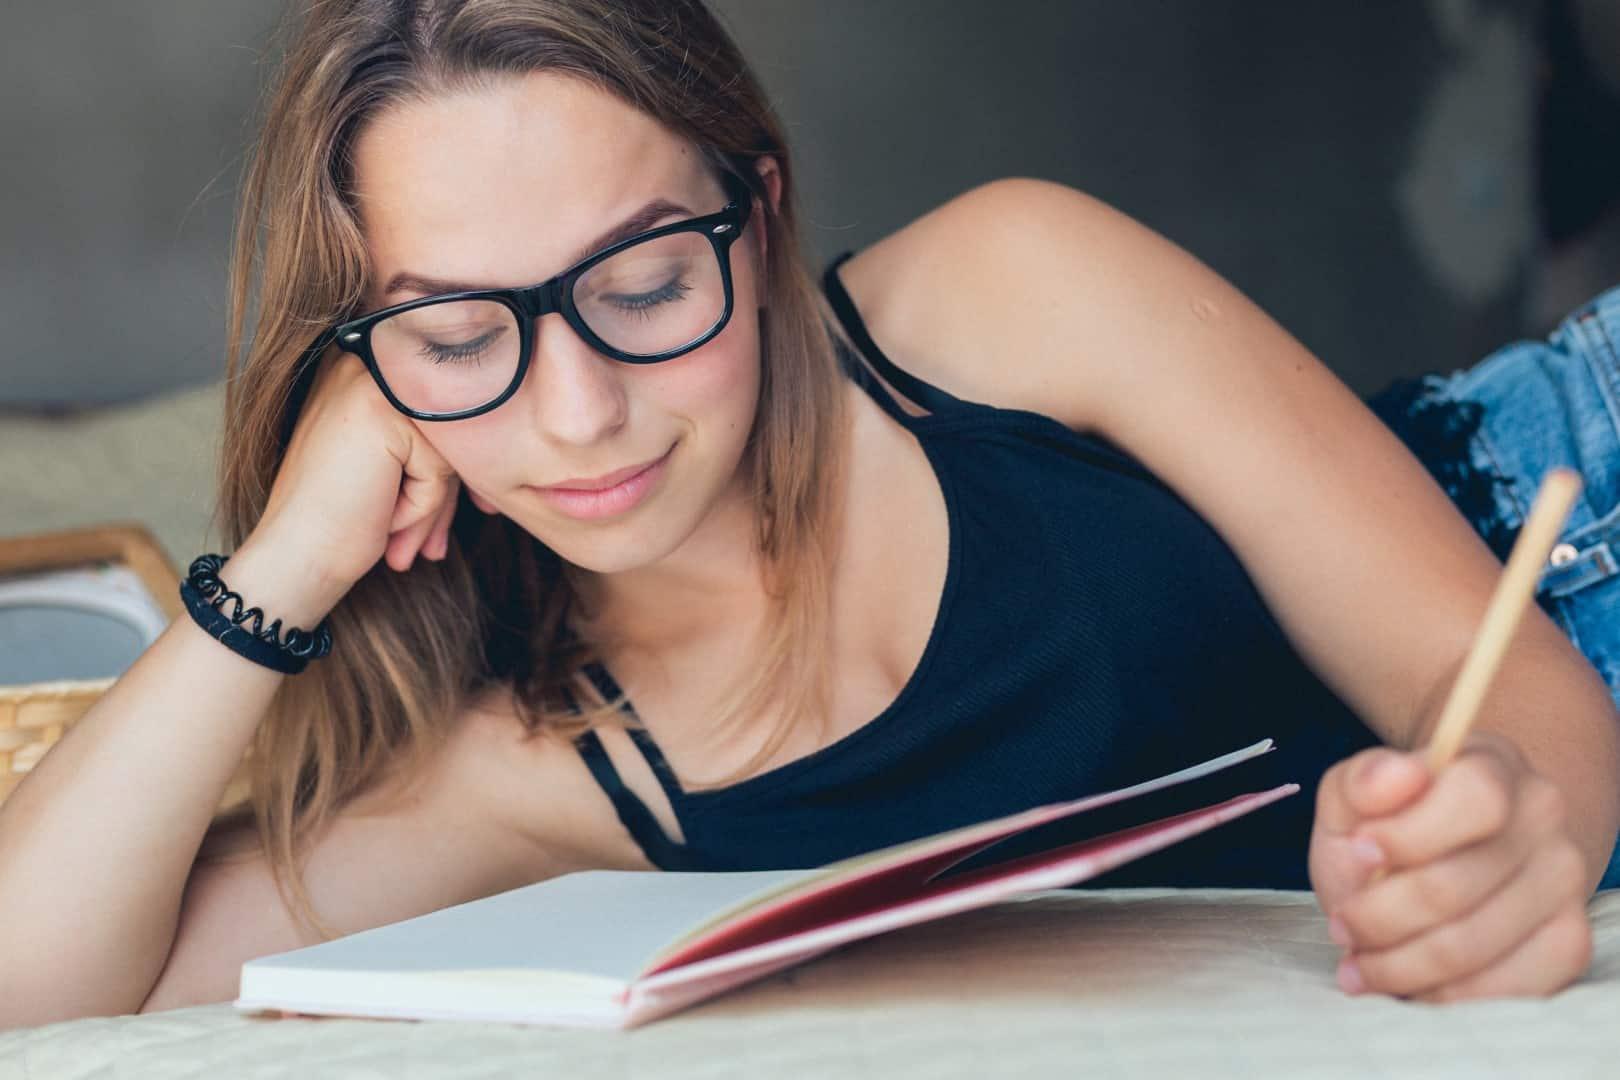 come scrivere - Come Scrivere un racconto o un romanzo Gianluca Gentile Grande - Come Scrivere un racconto o un romanzo